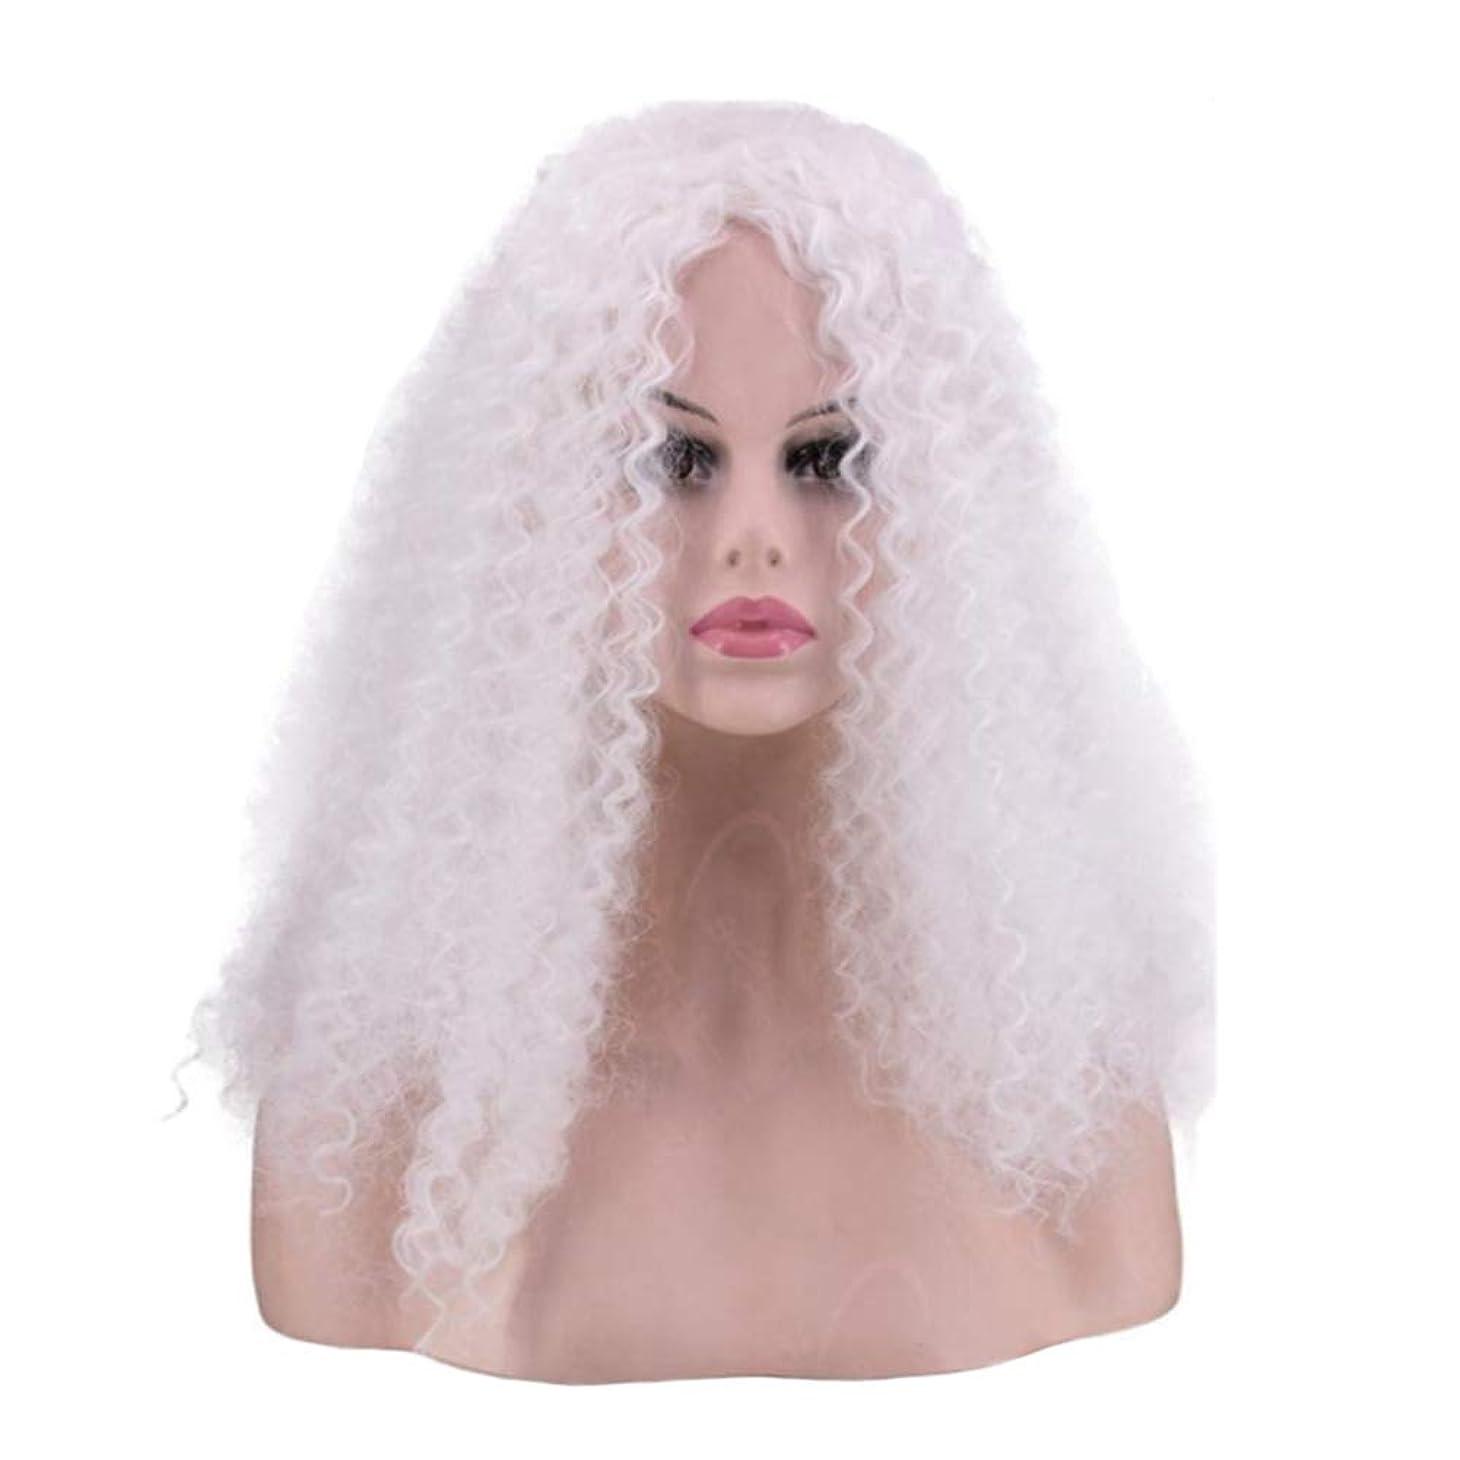 姉妹コーン修士号かつら - ファッションロングロール高温シルクウィッグパーティーロールハロウィーン40cm白 (色 : 白, サイズ さいず : 40cm)